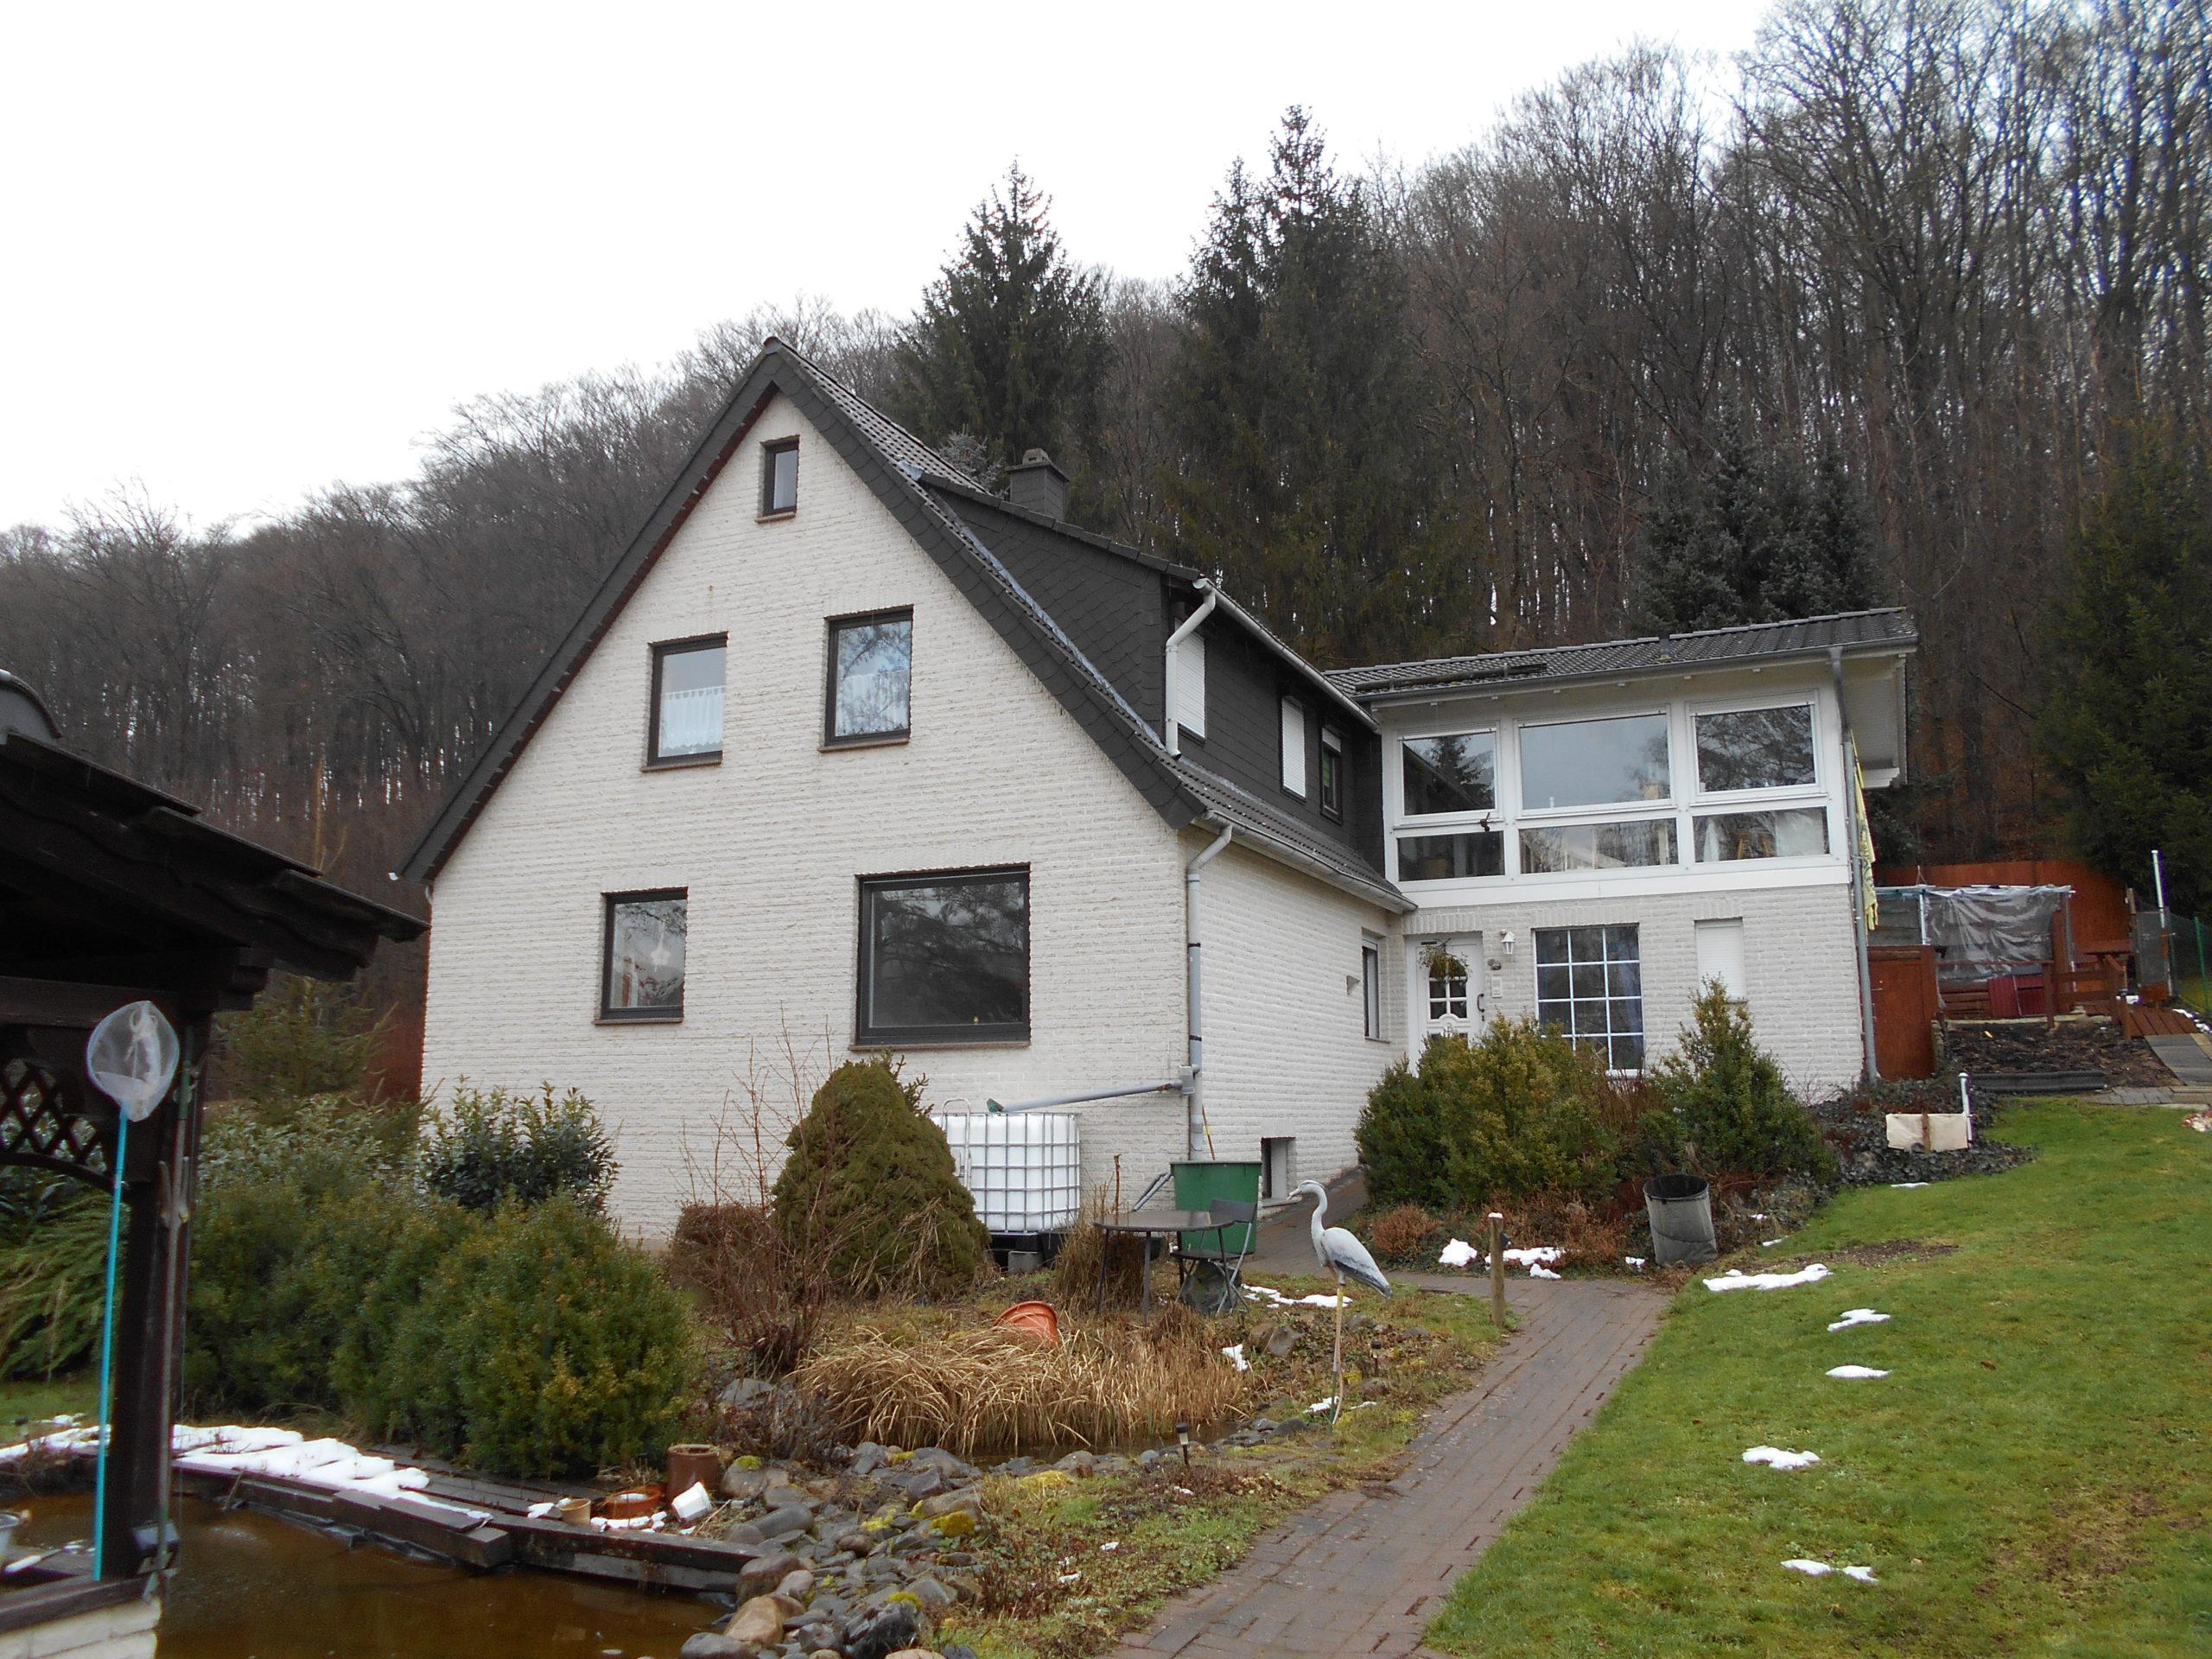 Zweifamilienhaus Am Waldrand In Brochthausen Bei Duderstadt